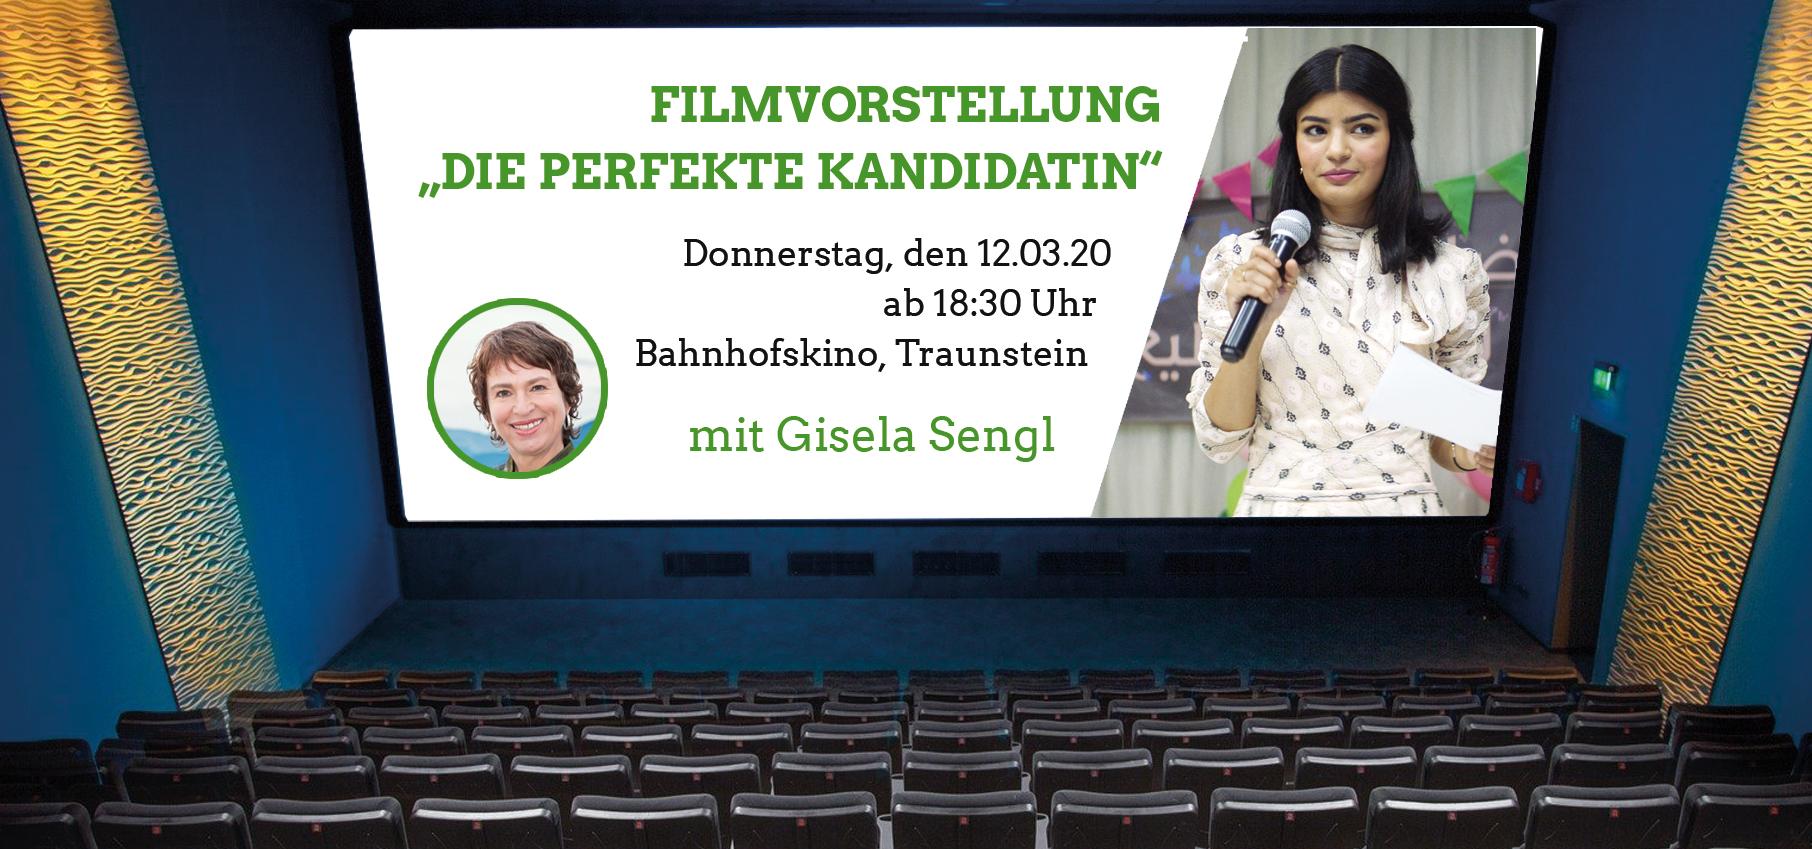 Kino Traunstein